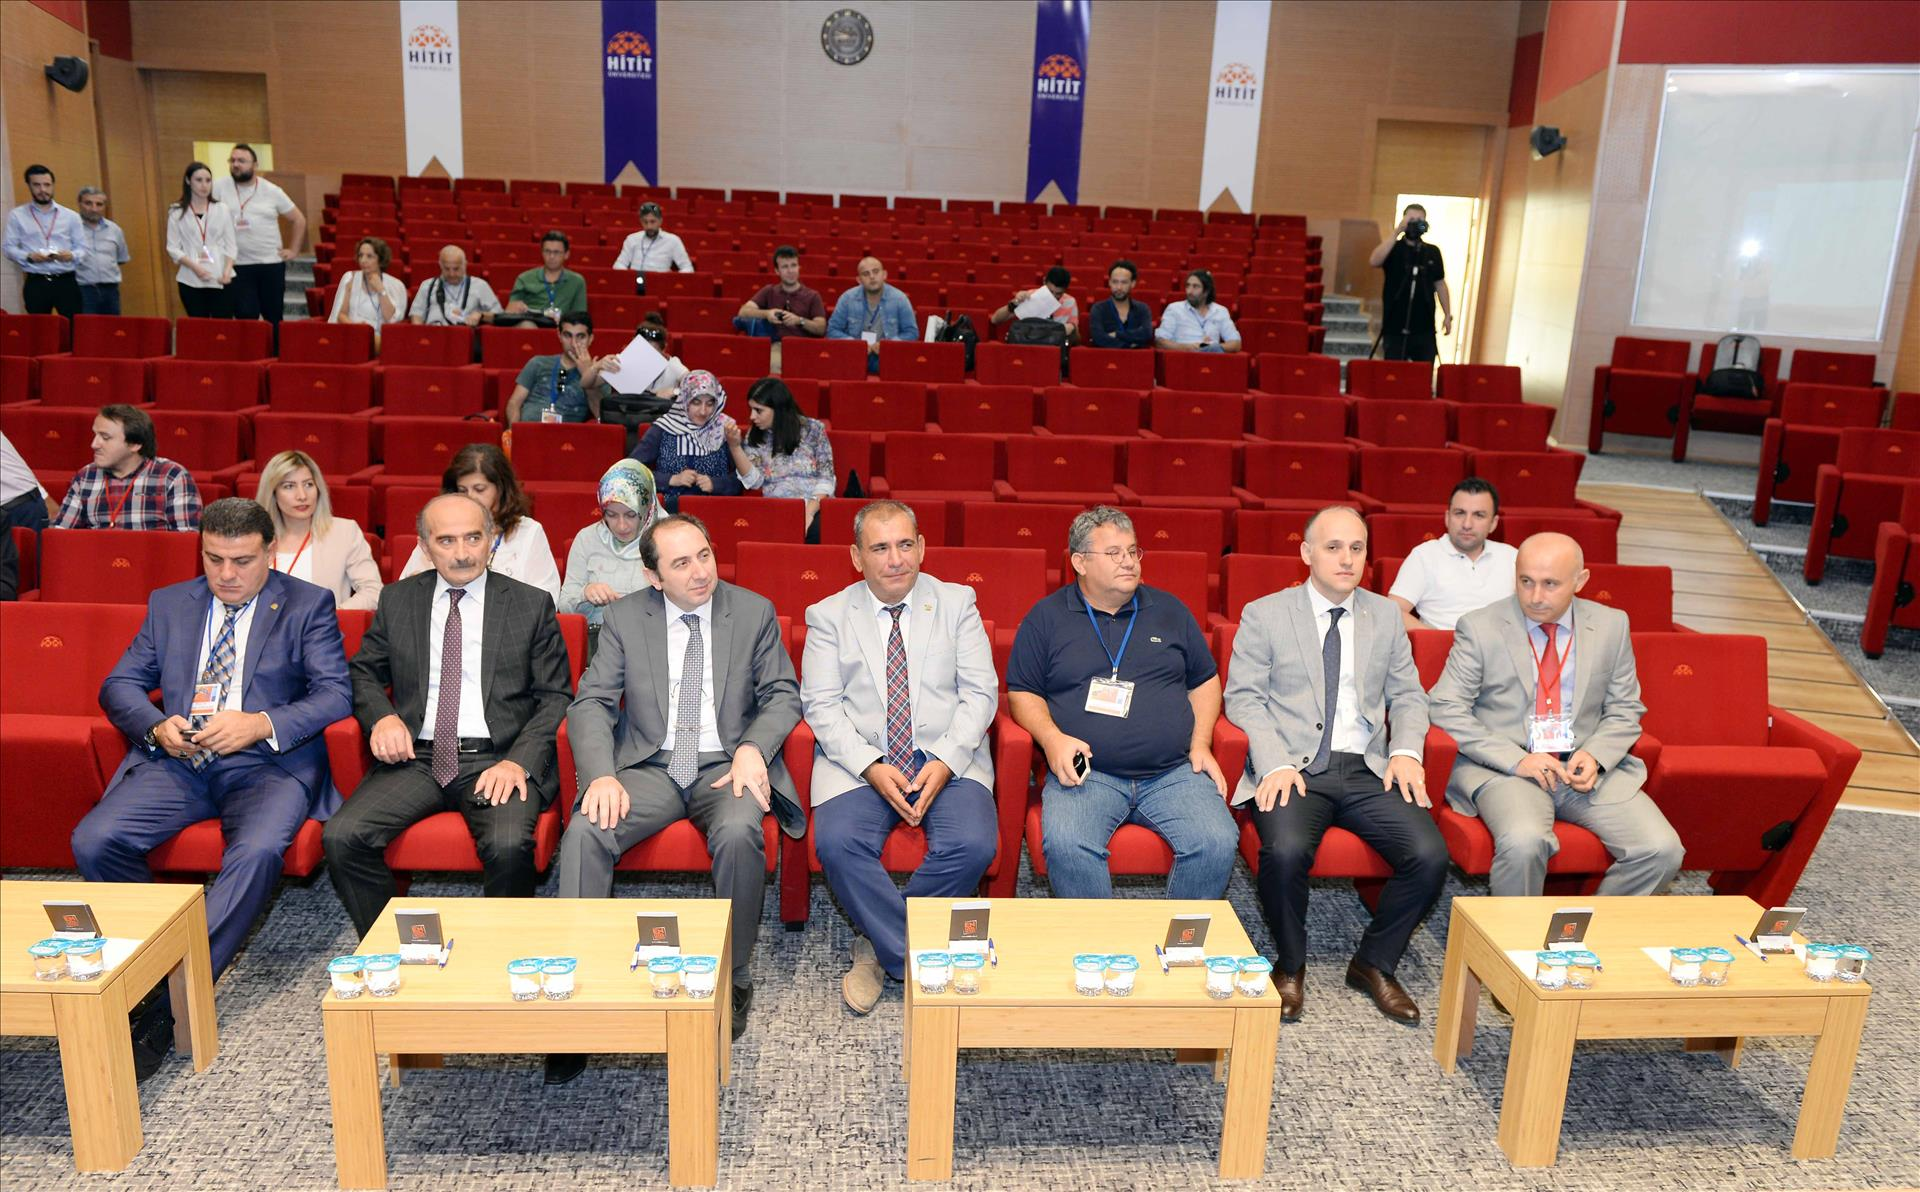 XVII. Kromatografi Kongresi Başladı